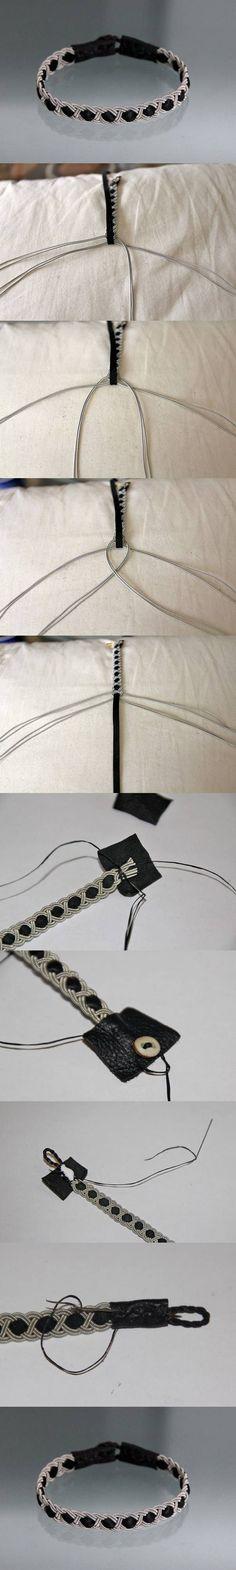 Ribbon and Cord